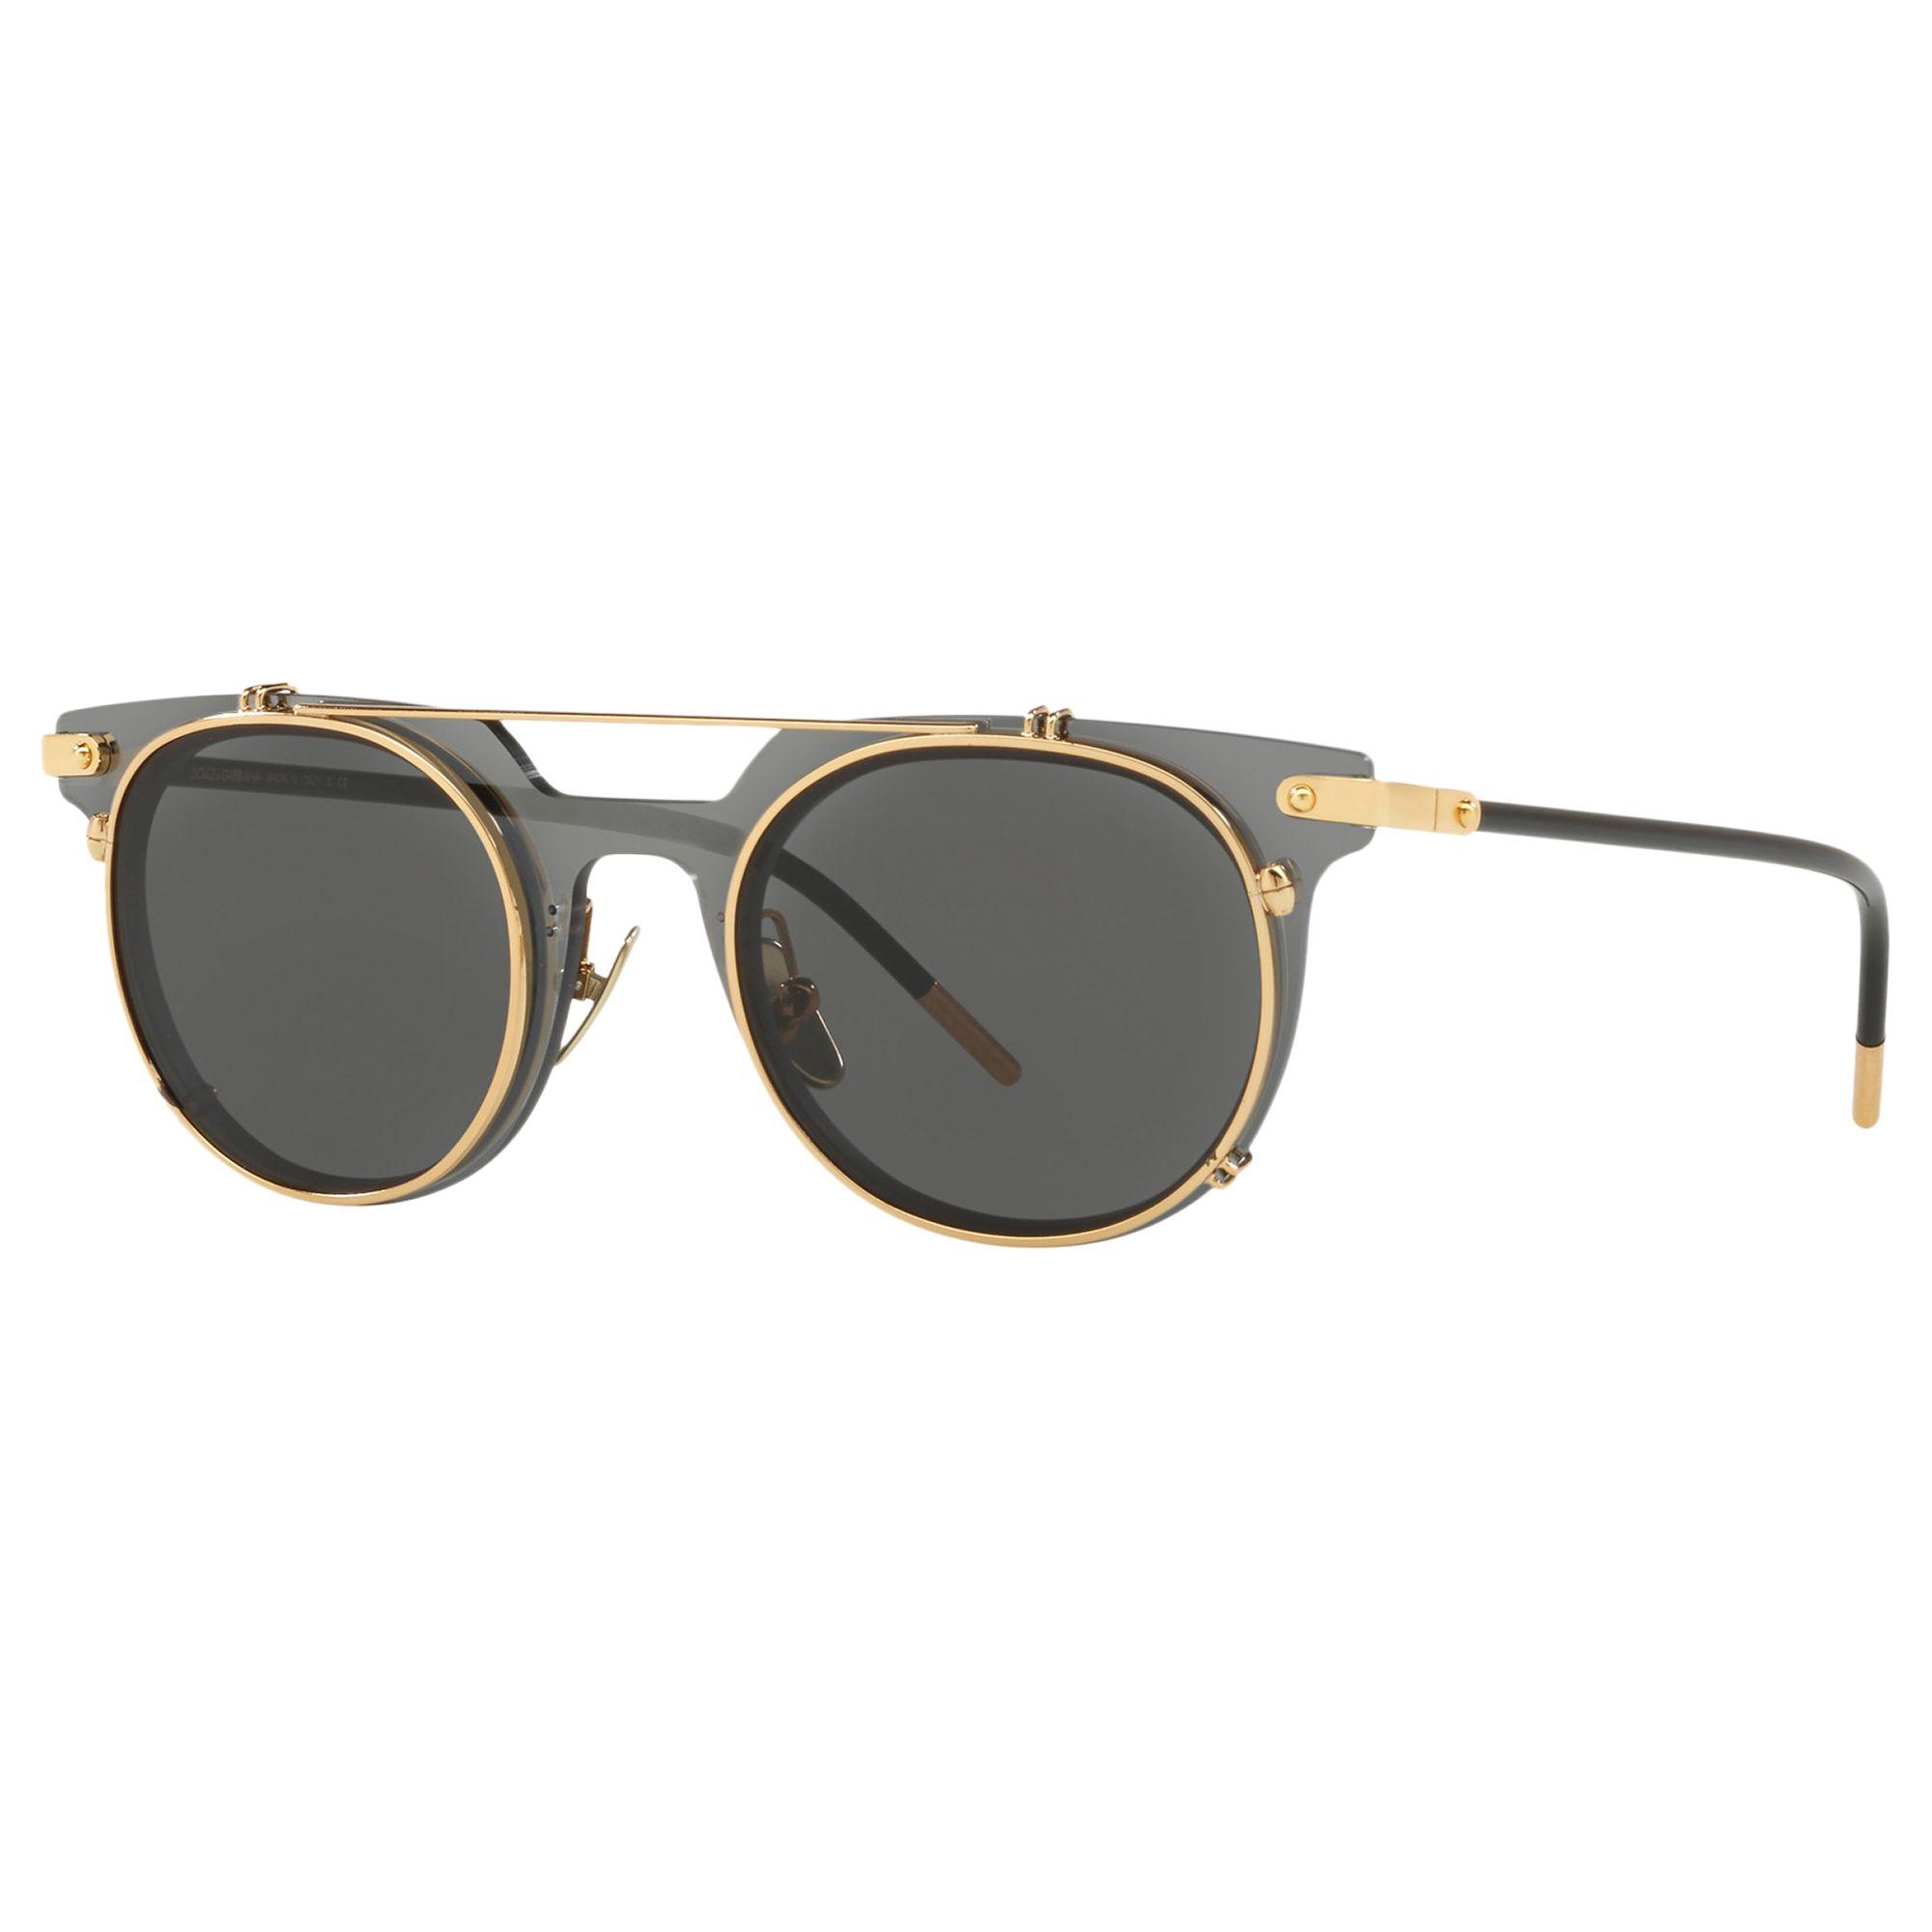 Dolce & Gabbana Dolce & Gabbana DG2196 Women's Oval Sunglasses, Grey